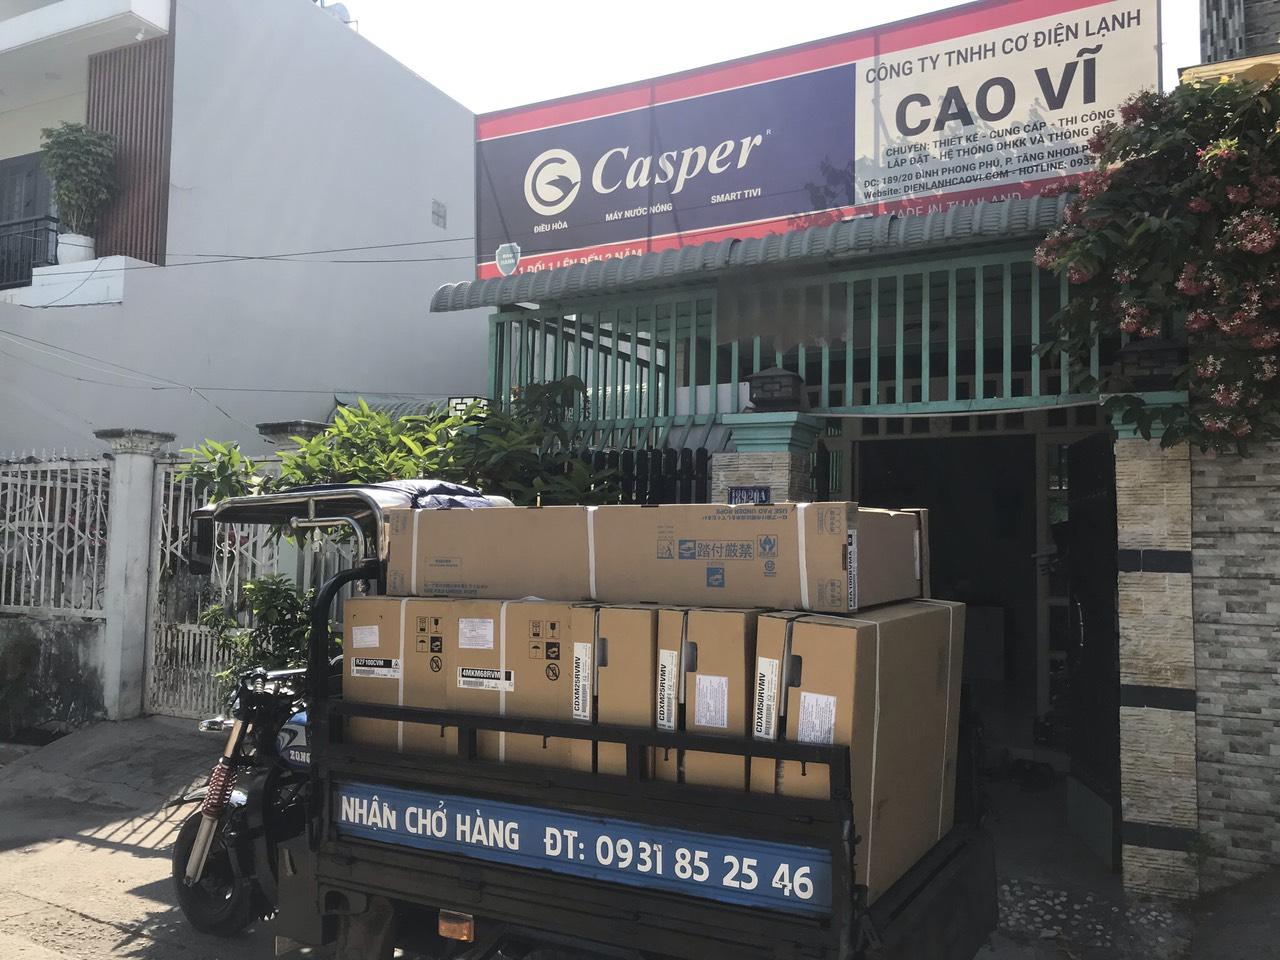 Đơn vị bán máy lạnh âm trần cũ tại HCM